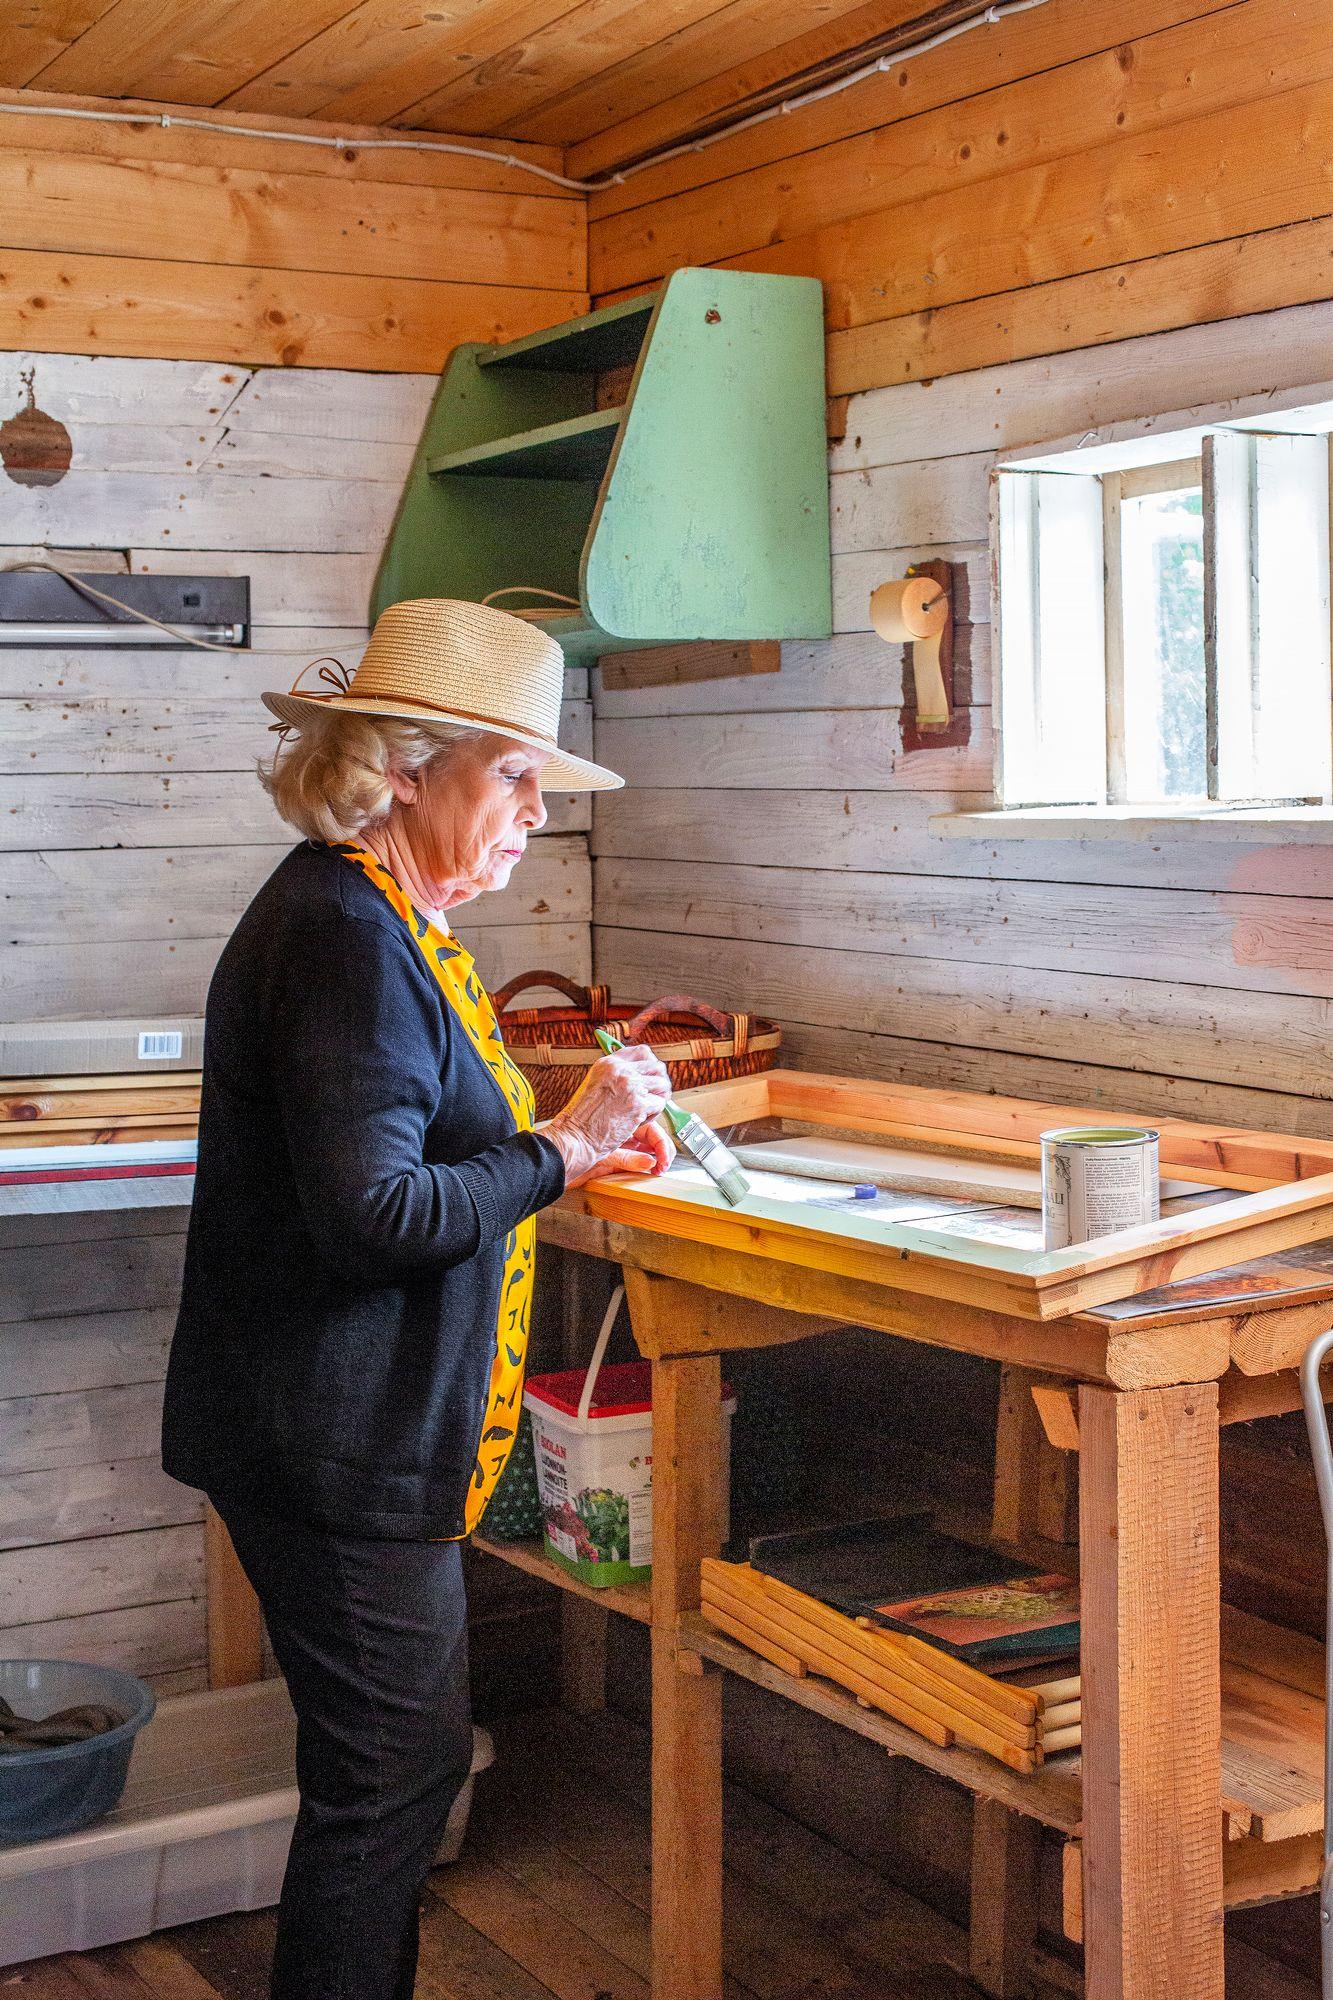 """Pirjo remontoi itse lähinnä maalaamalla ja osallistumalla alusta loppuun kaiken suunnitteluun. """"Etsin aina tietoa remonteista, vertailen vaihtoehtoja, mutta luotan ennen kaikkea ammattilaisten näkemyksiin."""" © Tiiu Kaitalo"""